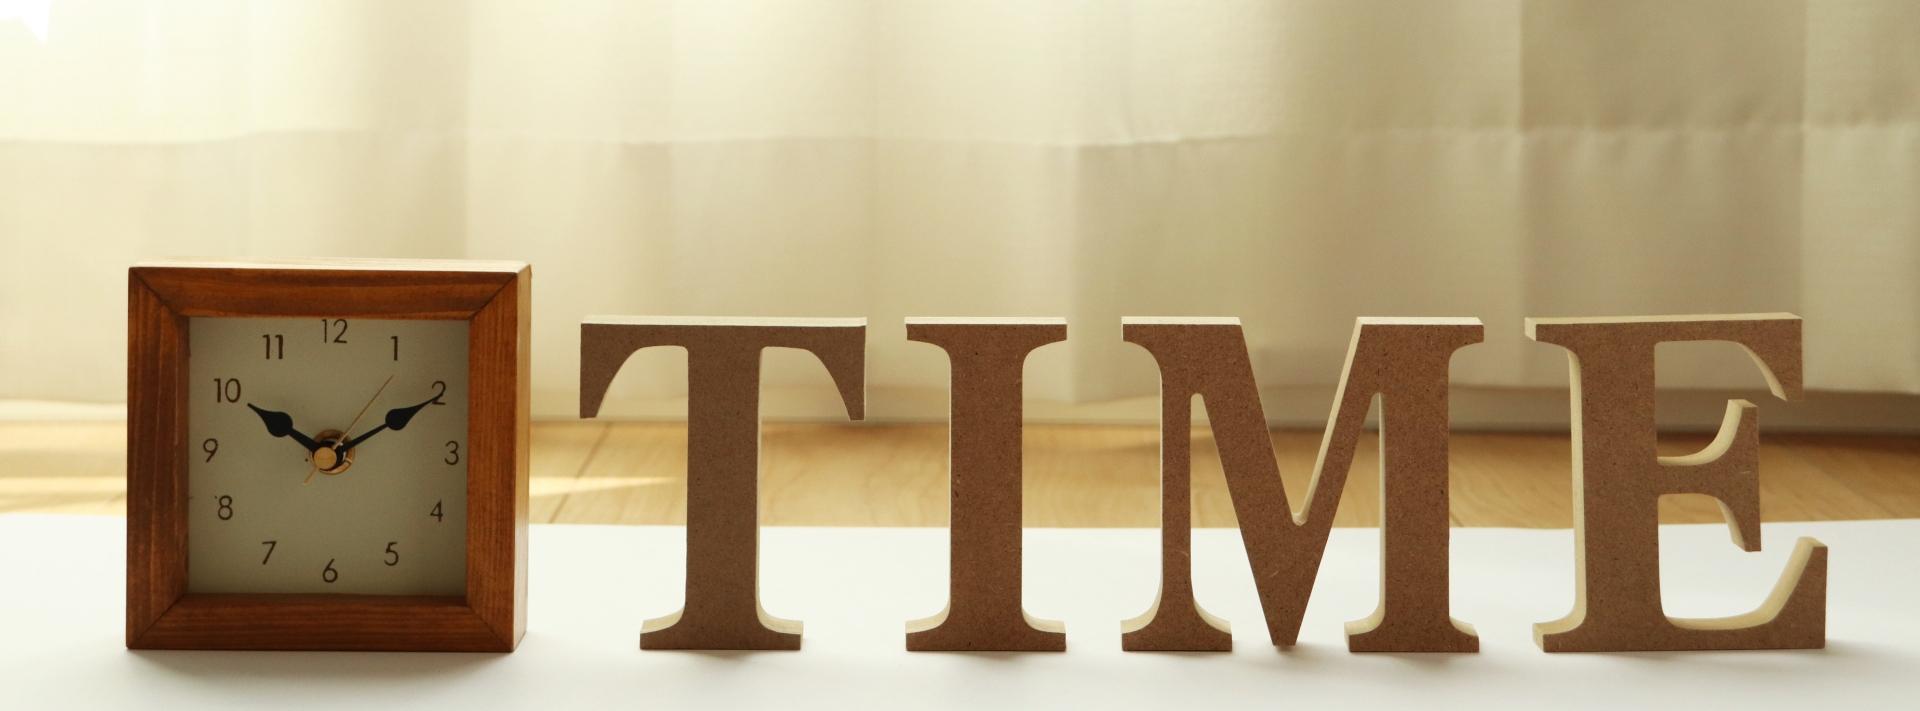 ミニマルビジネスの時計でわかる時間、わからない時間|ながらすたいる bixlix.com